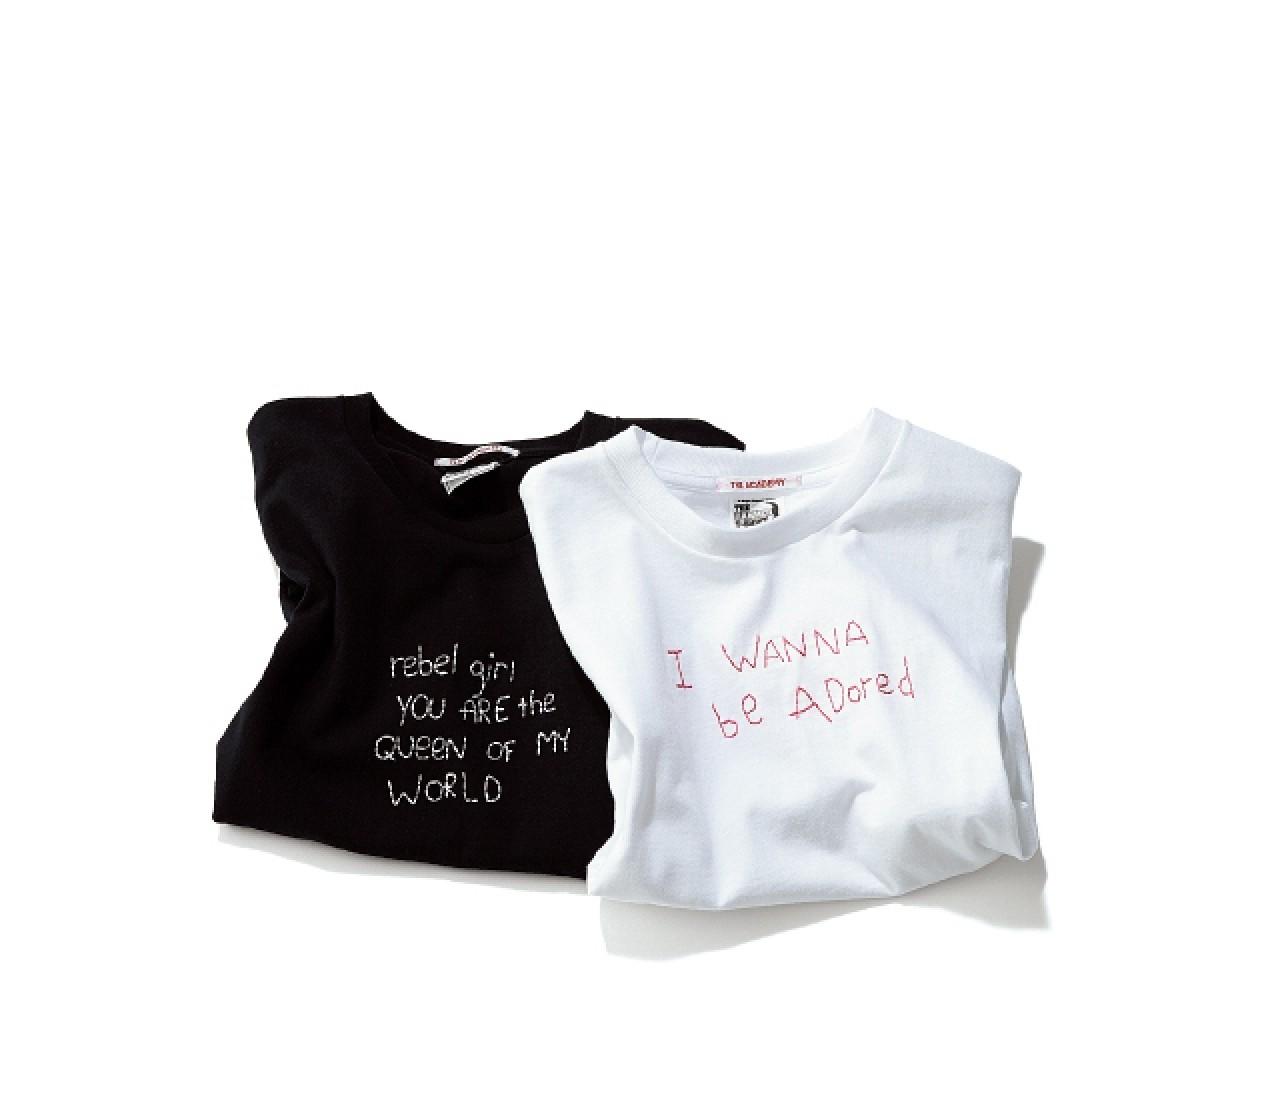 【SNSウケ期待大♥】謎に包まれた注目のTシャツ、ついにゲットのチャンス到来!